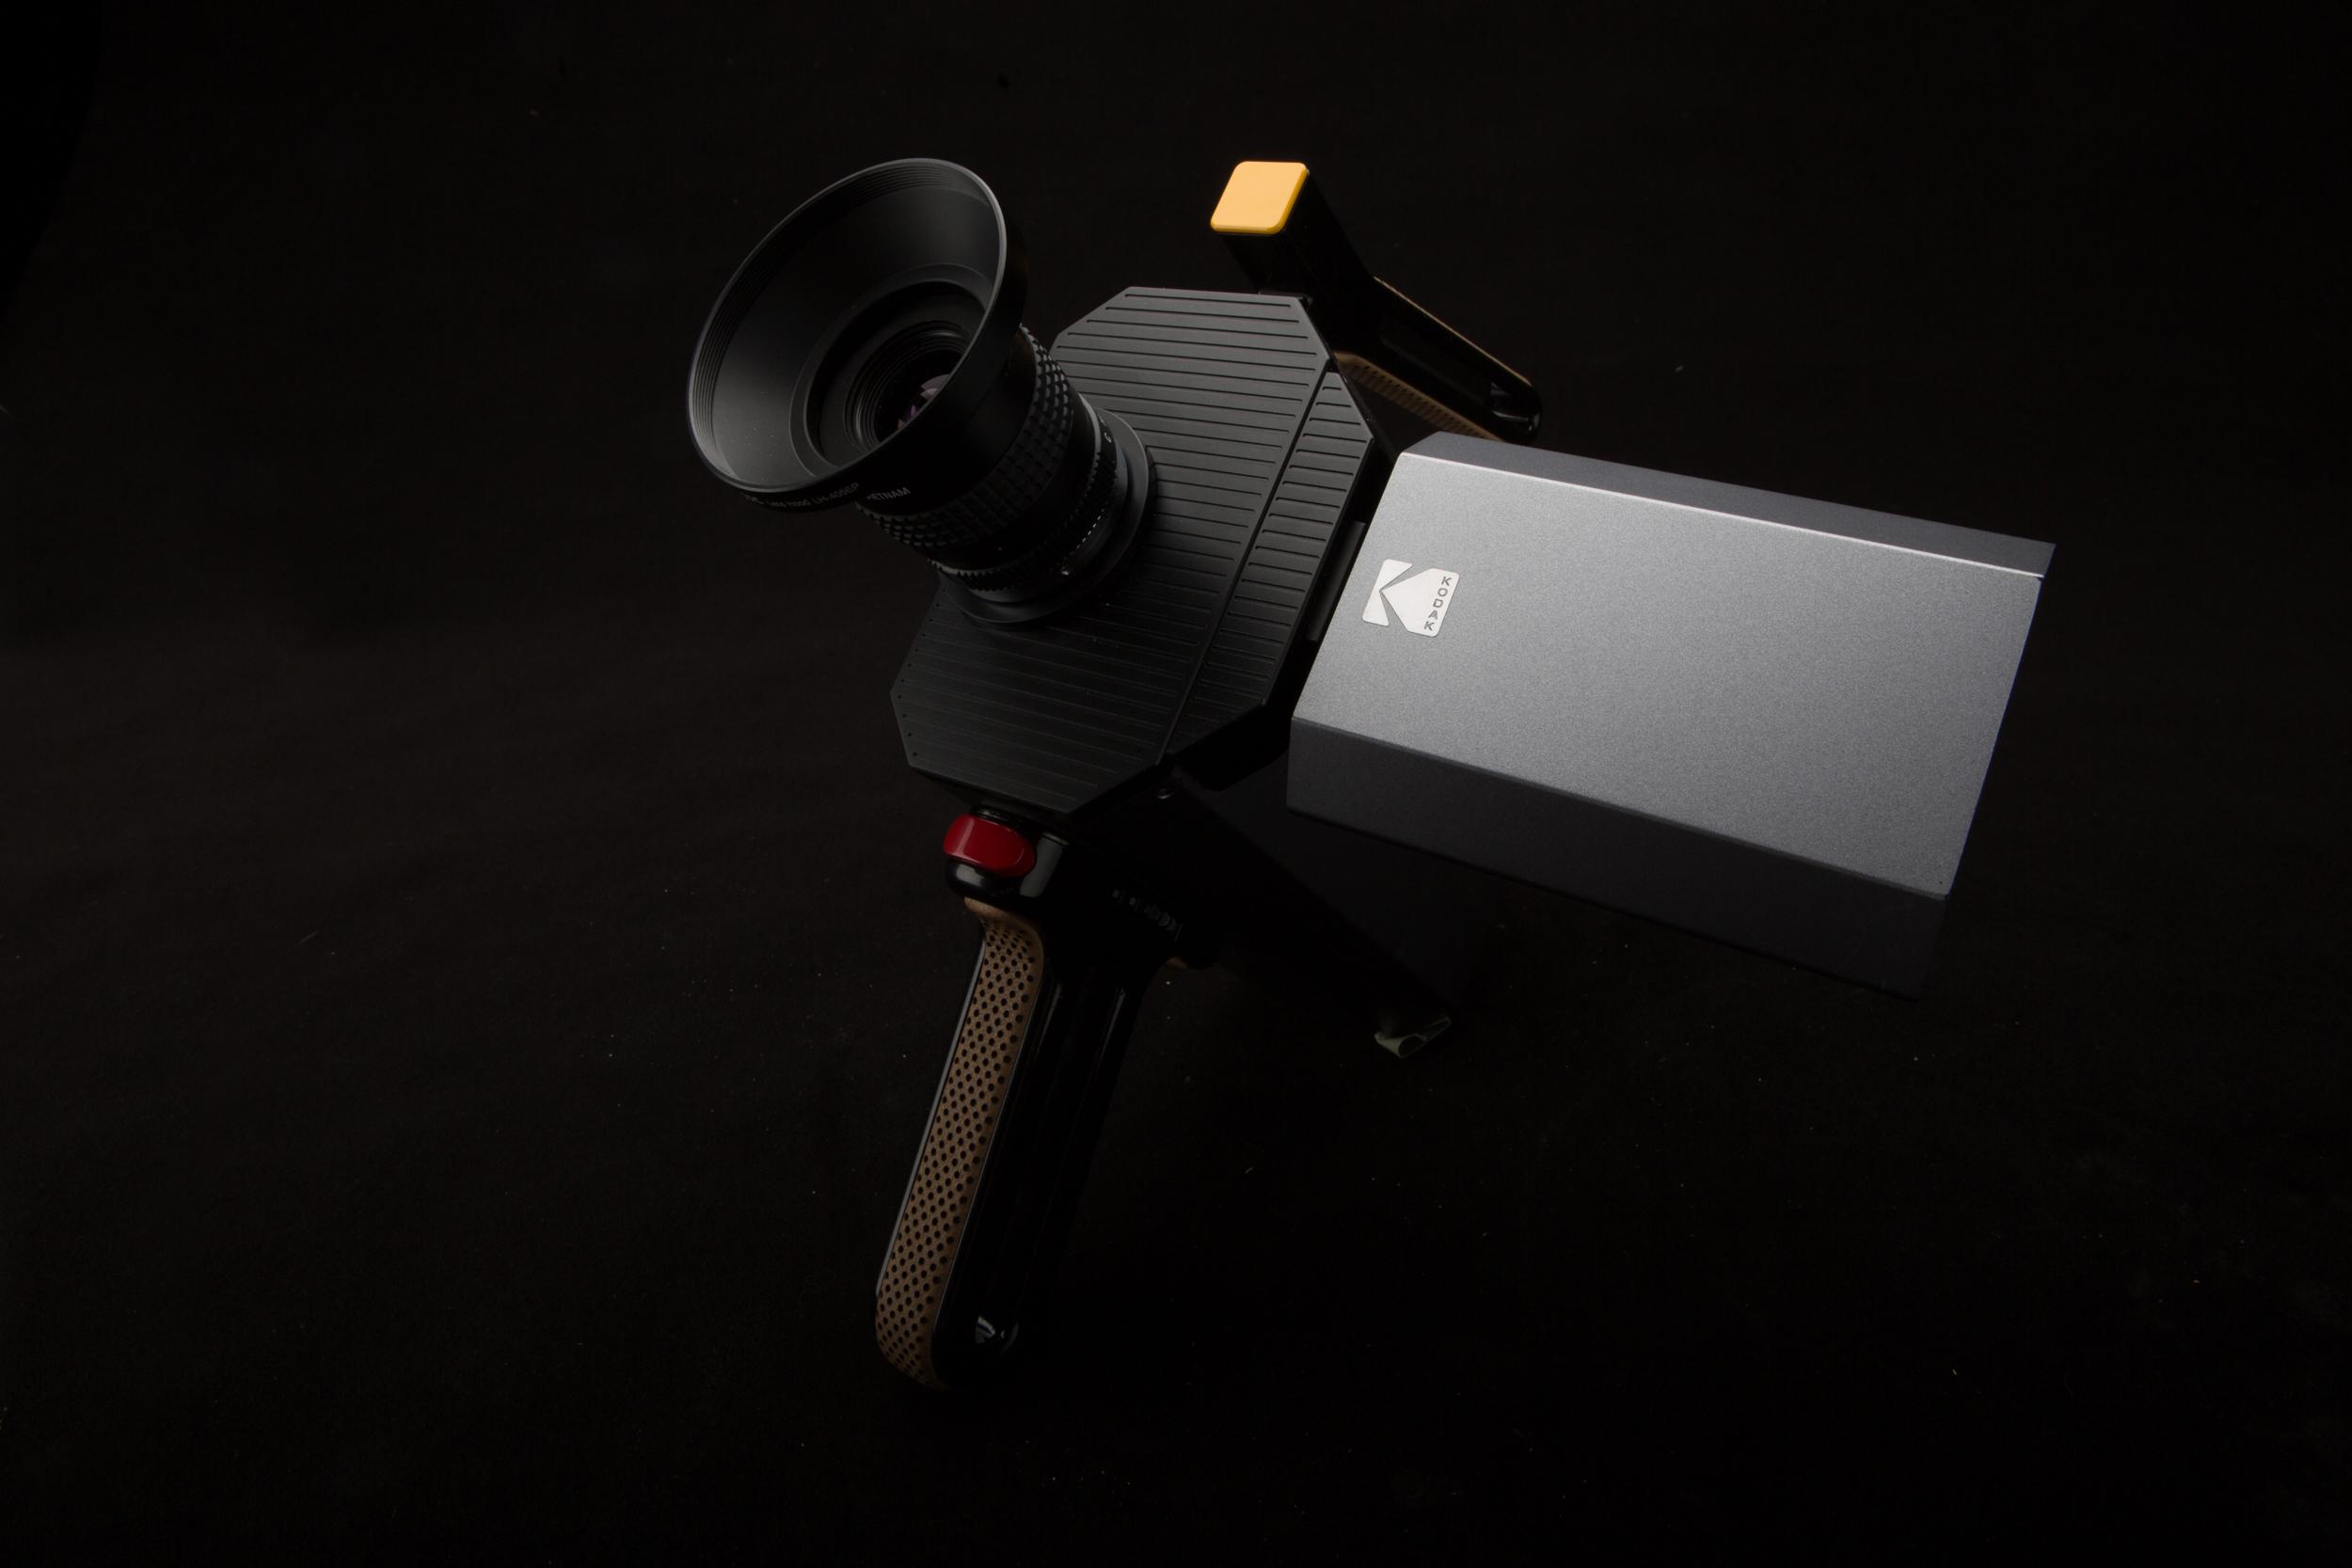 Kodak super 8 movie camera